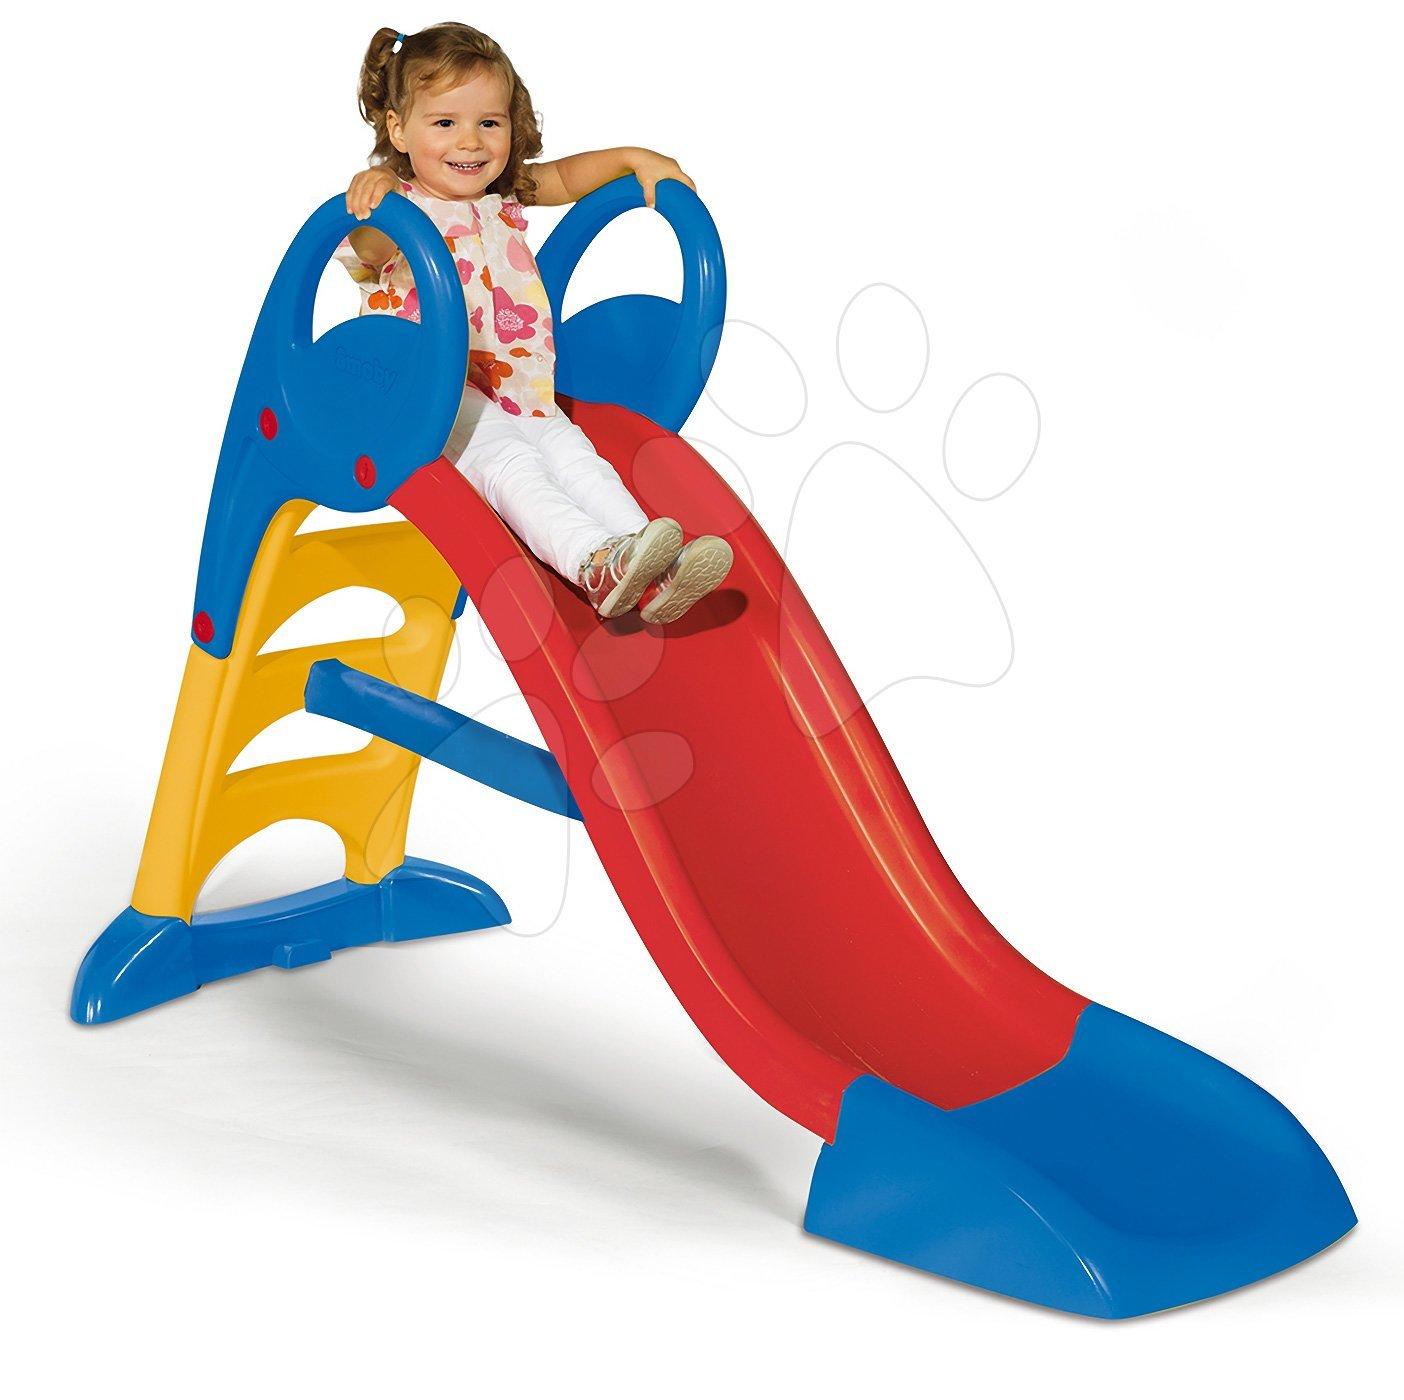 Skluzavky pro děti - Skluzavka Toboggan KS Smoby modro-červená s vodou délka 1,5 m od 24 měsíců